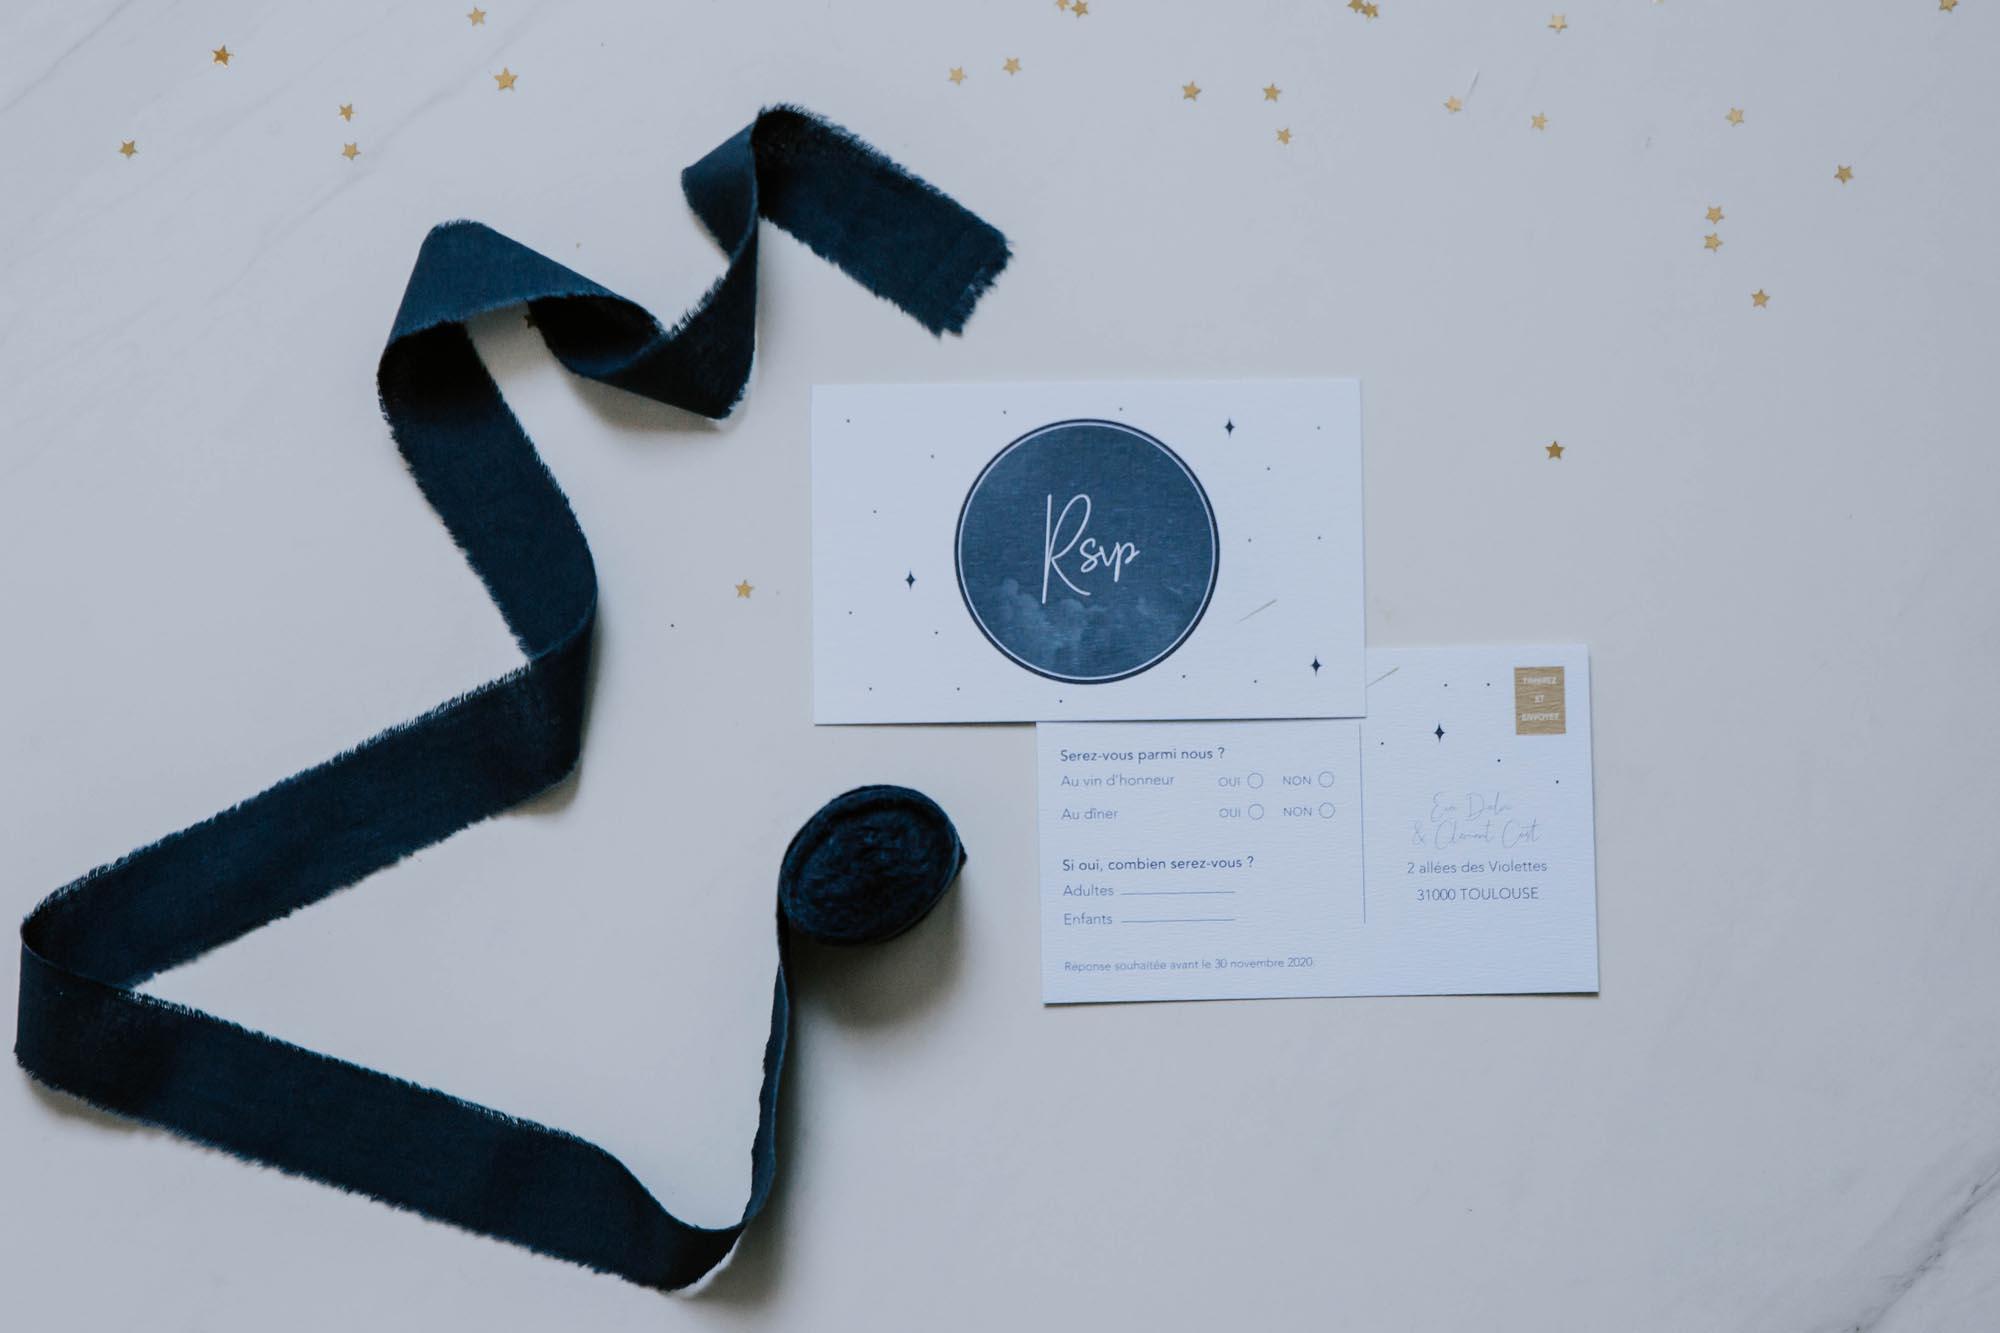 Carton invitation RSVP de mariage aux thèmes nuit, étoiles, nuages, rêves, comètes et couleurs gris, blanc, or